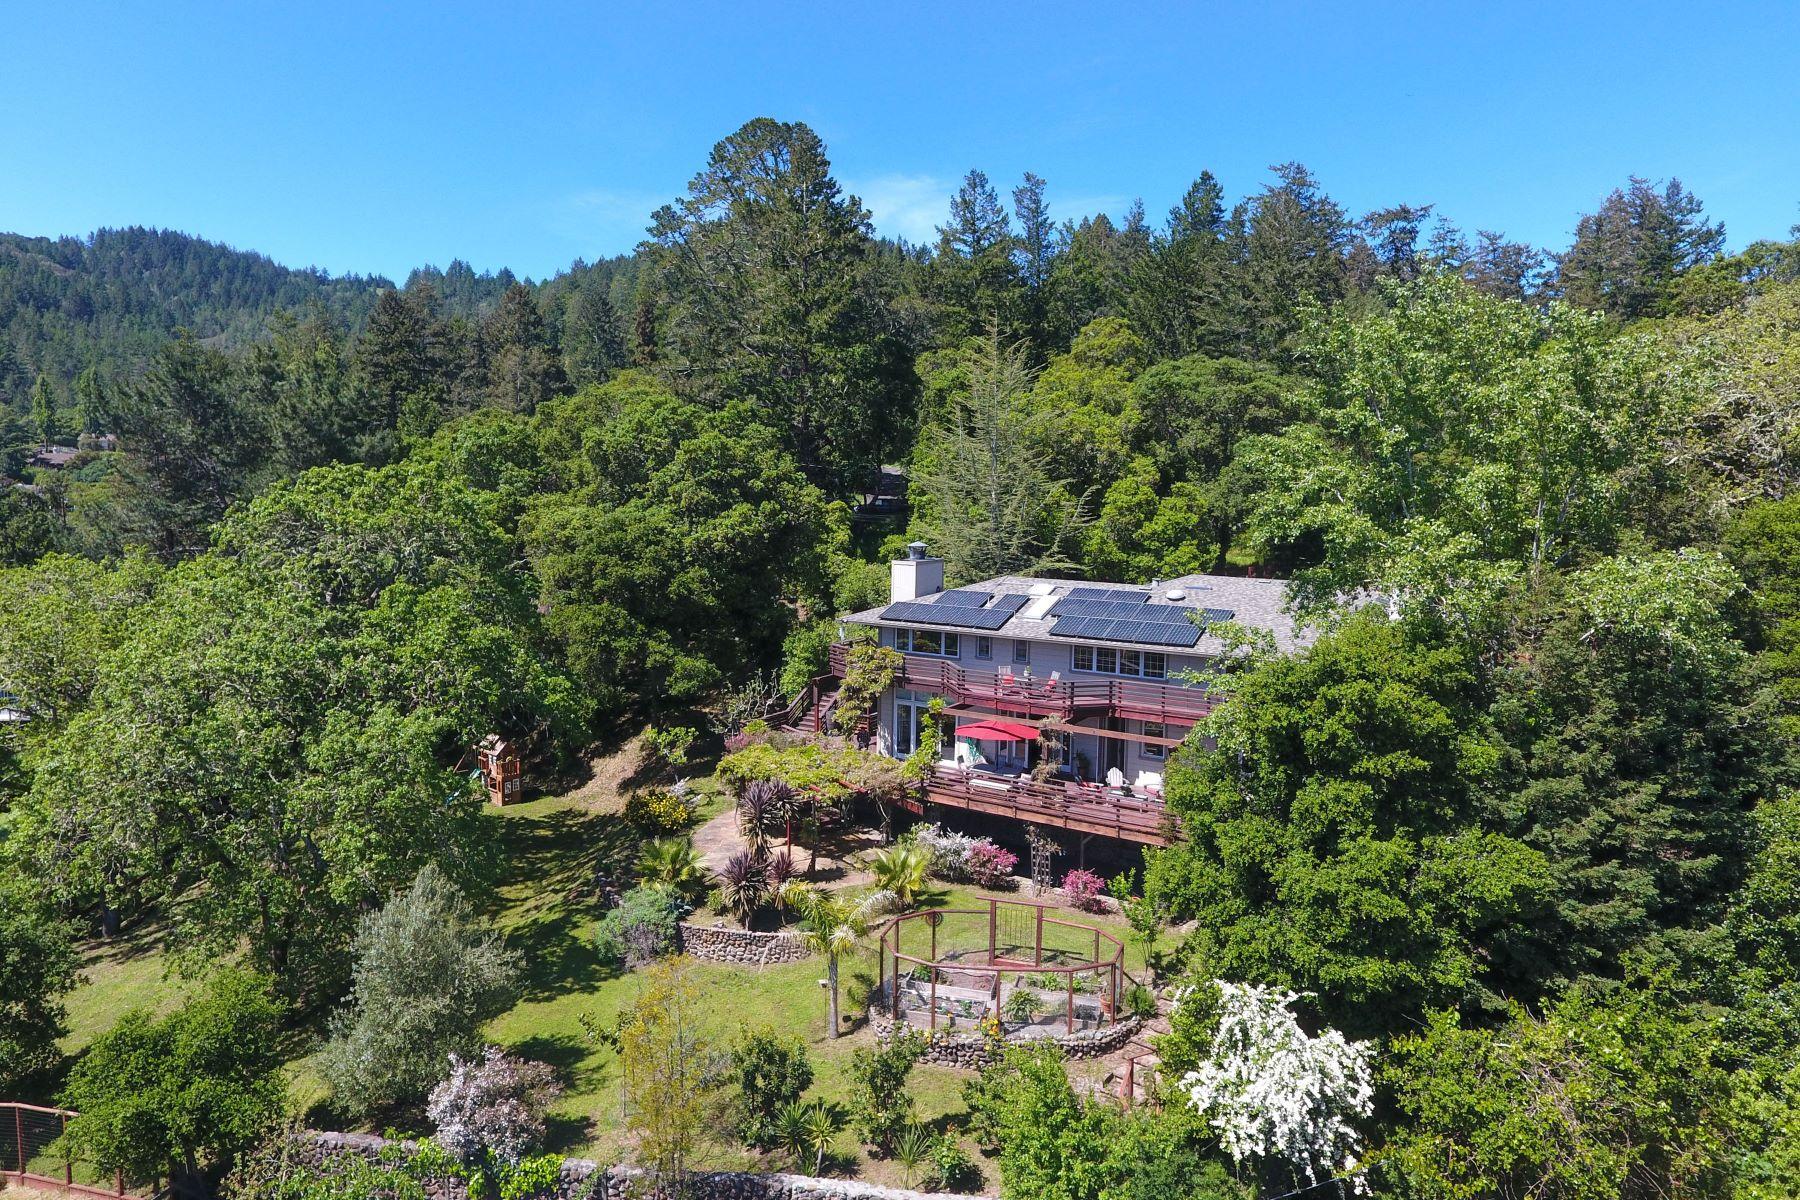 Casa Unifamiliar por un Venta en Country Estate Living at its Finest 17 Madrone Ave Woodacre, California 94973 Estados Unidos